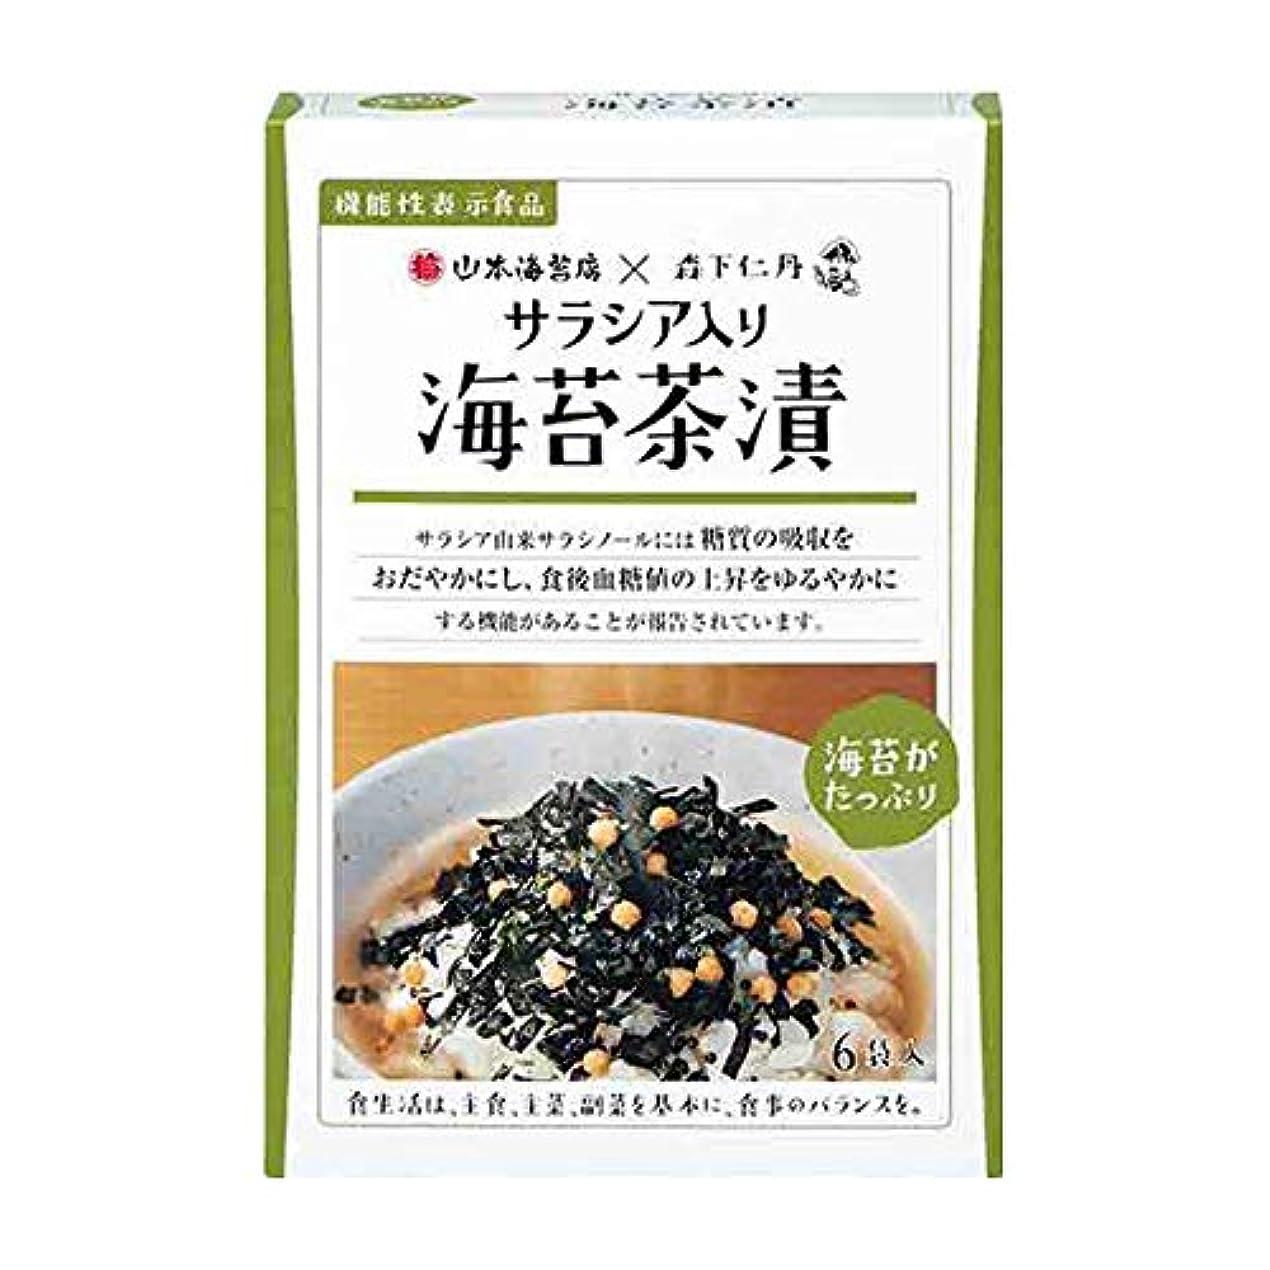 掘るメディックテレビを見る森下仁丹 海苔茶漬 サラシア入り (6.2g×6袋) [機能性表示食品]